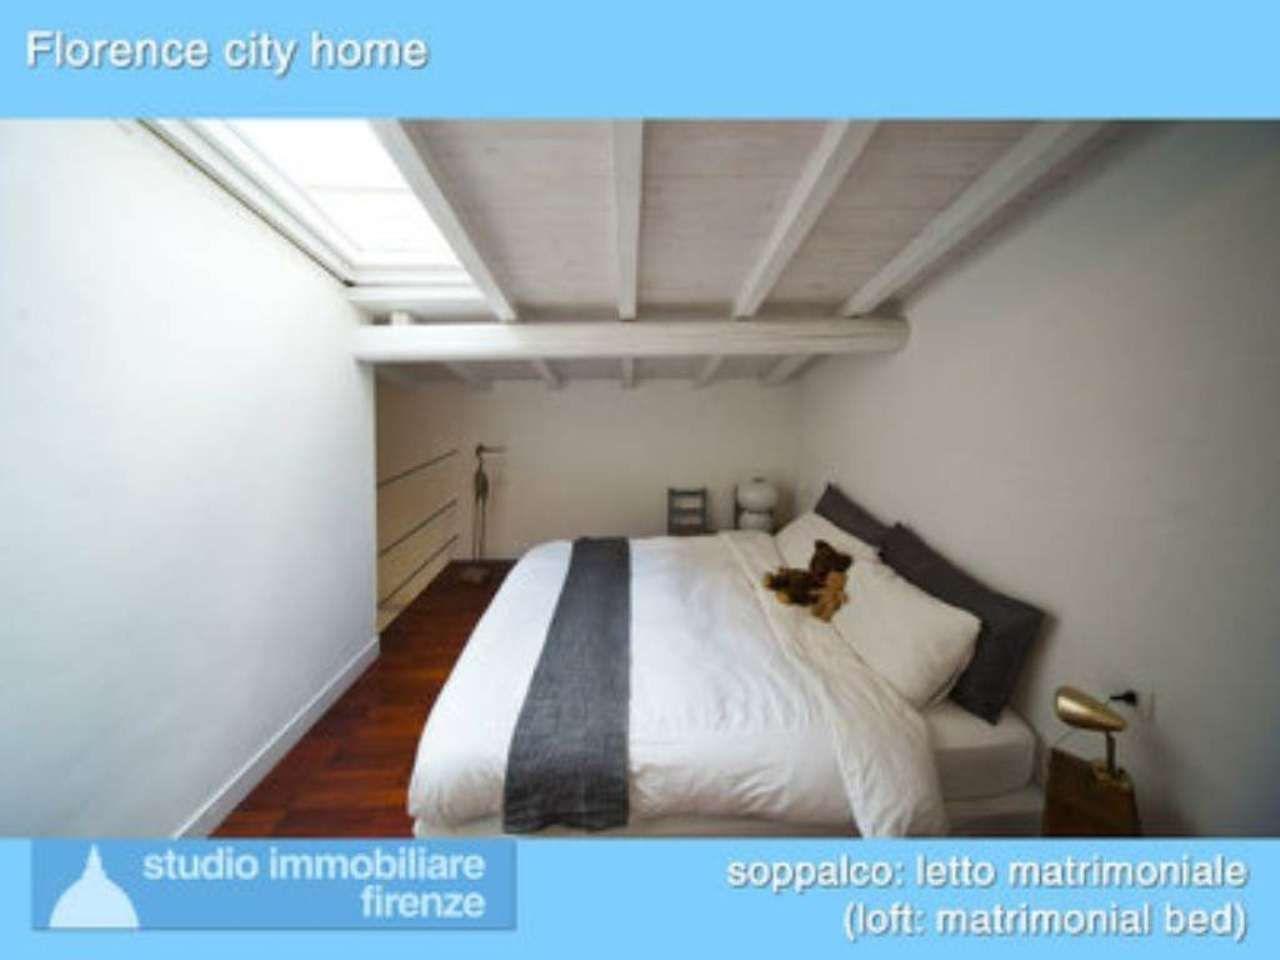 Appartamento in affitto a Firenze 1.700 €, 125 mq, 3